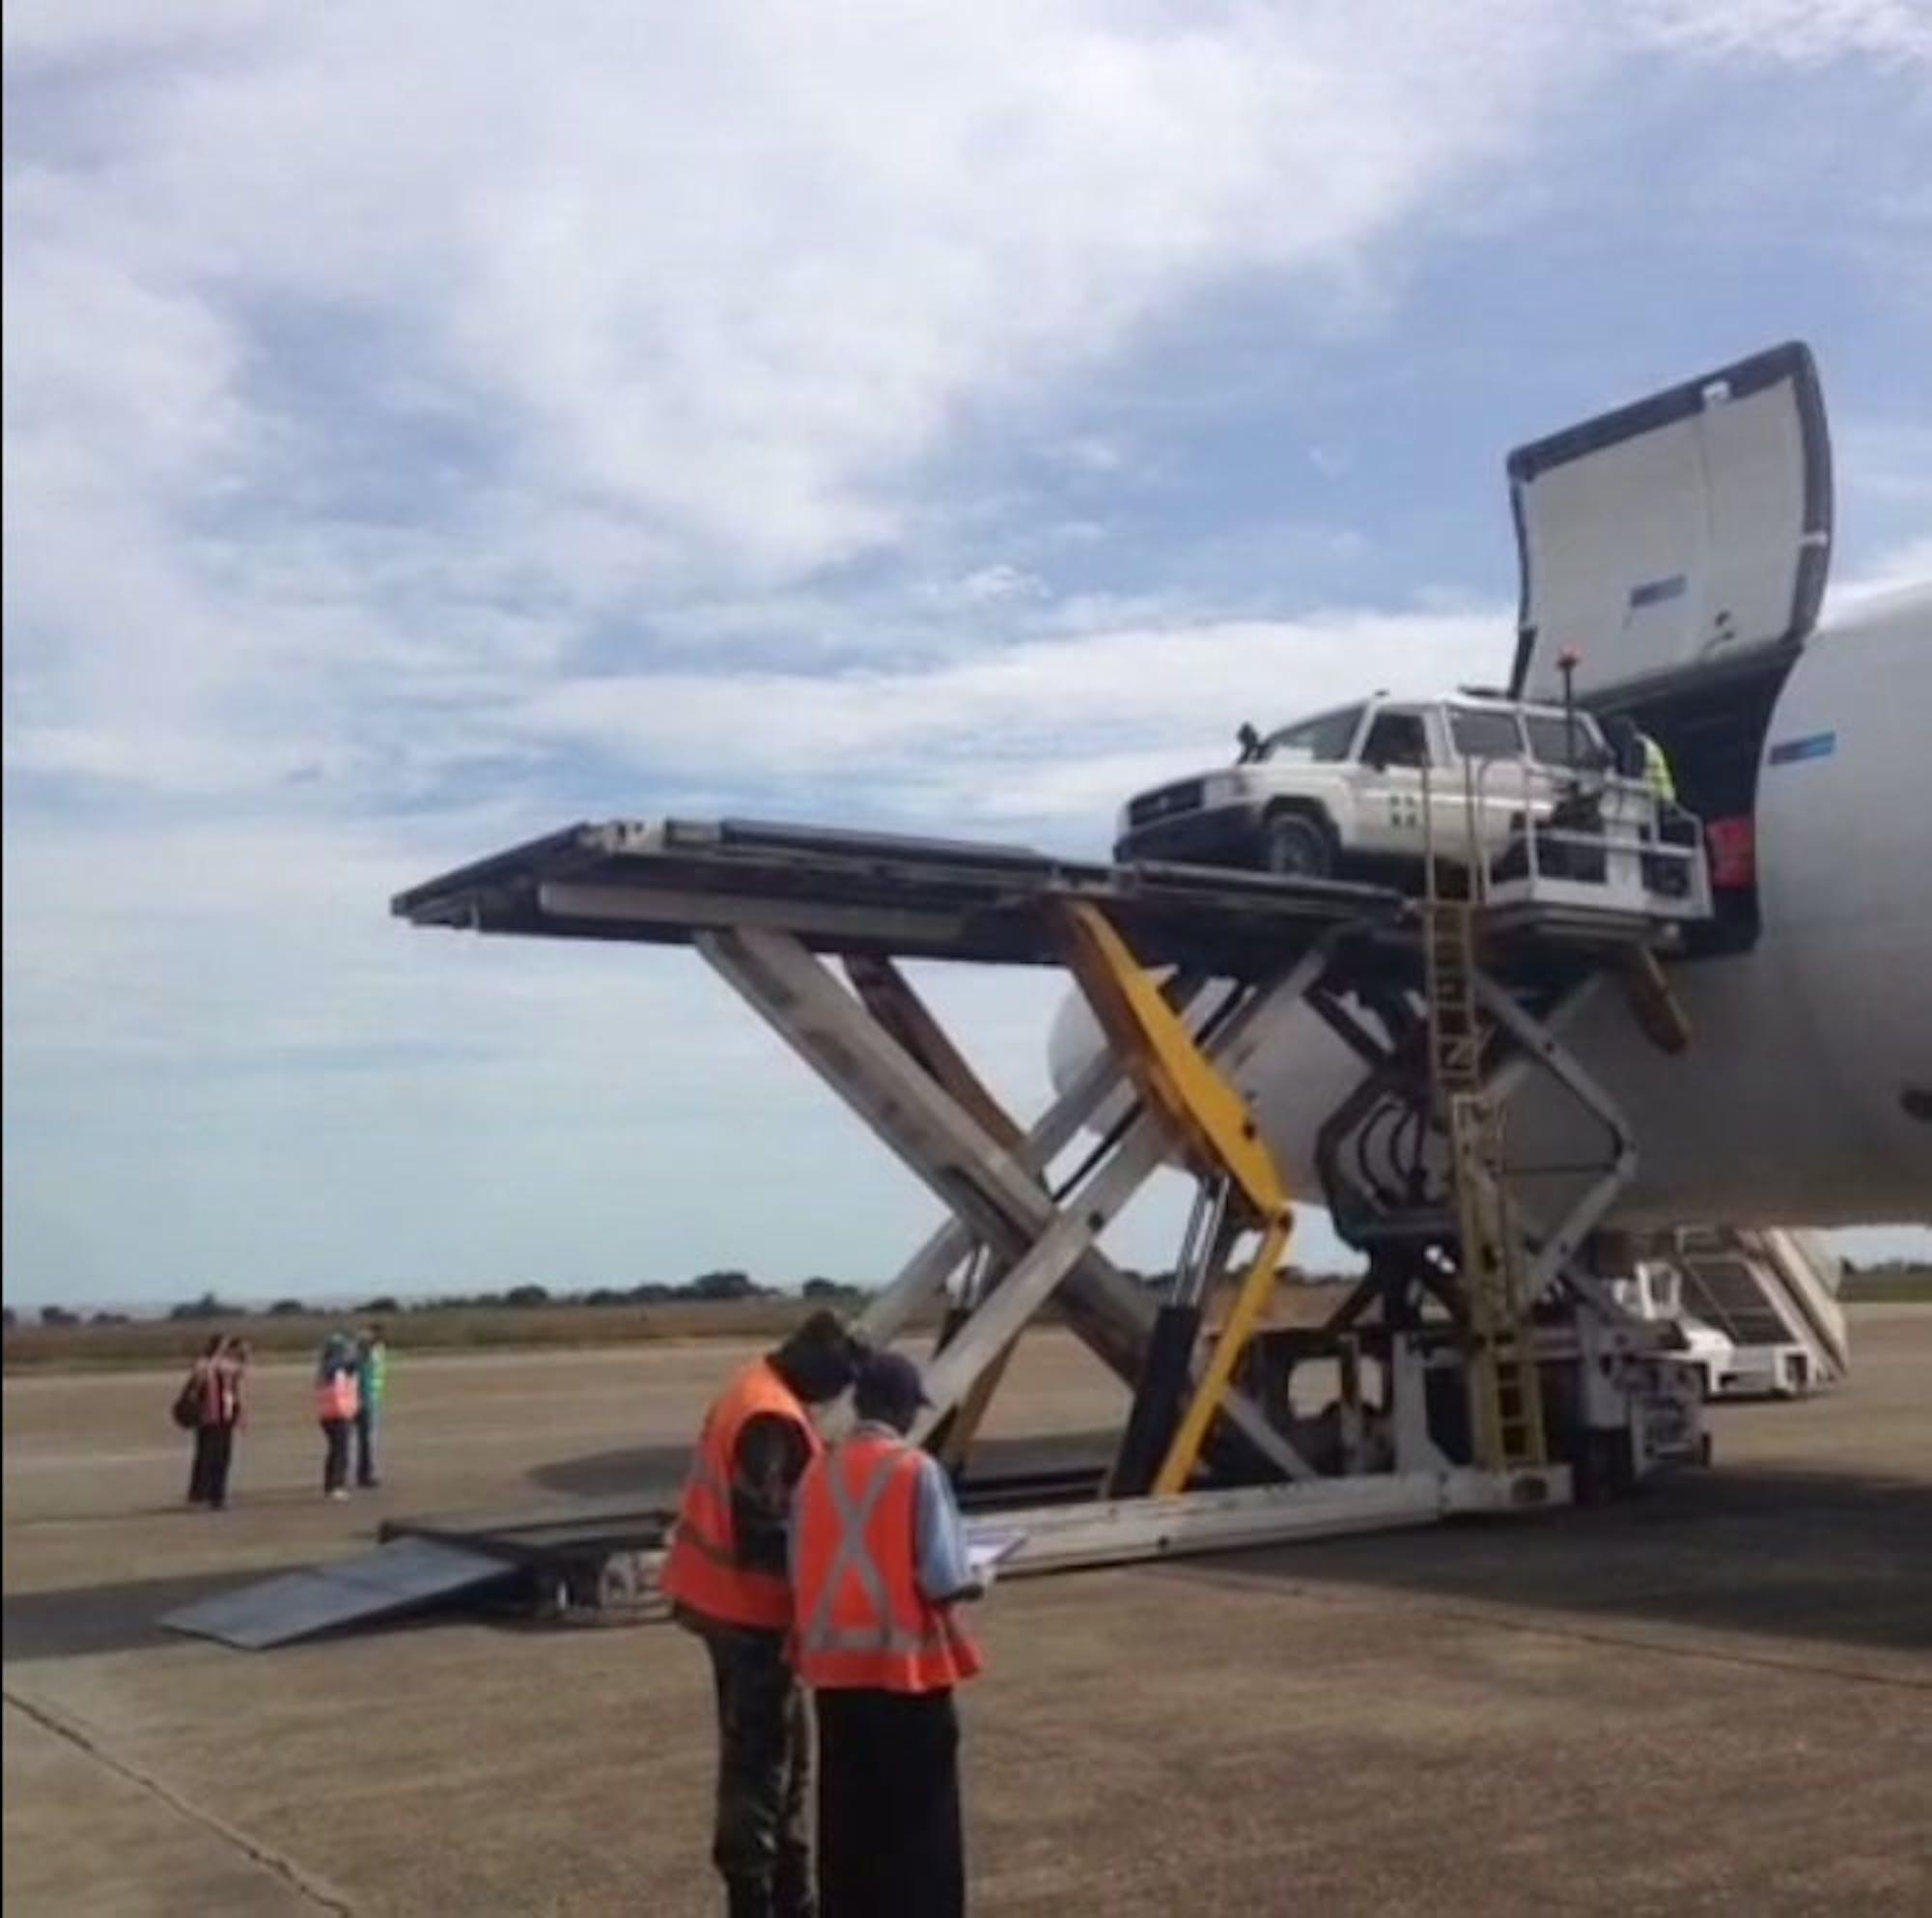 Un'immagine del volo umanitario inviato in Guinea